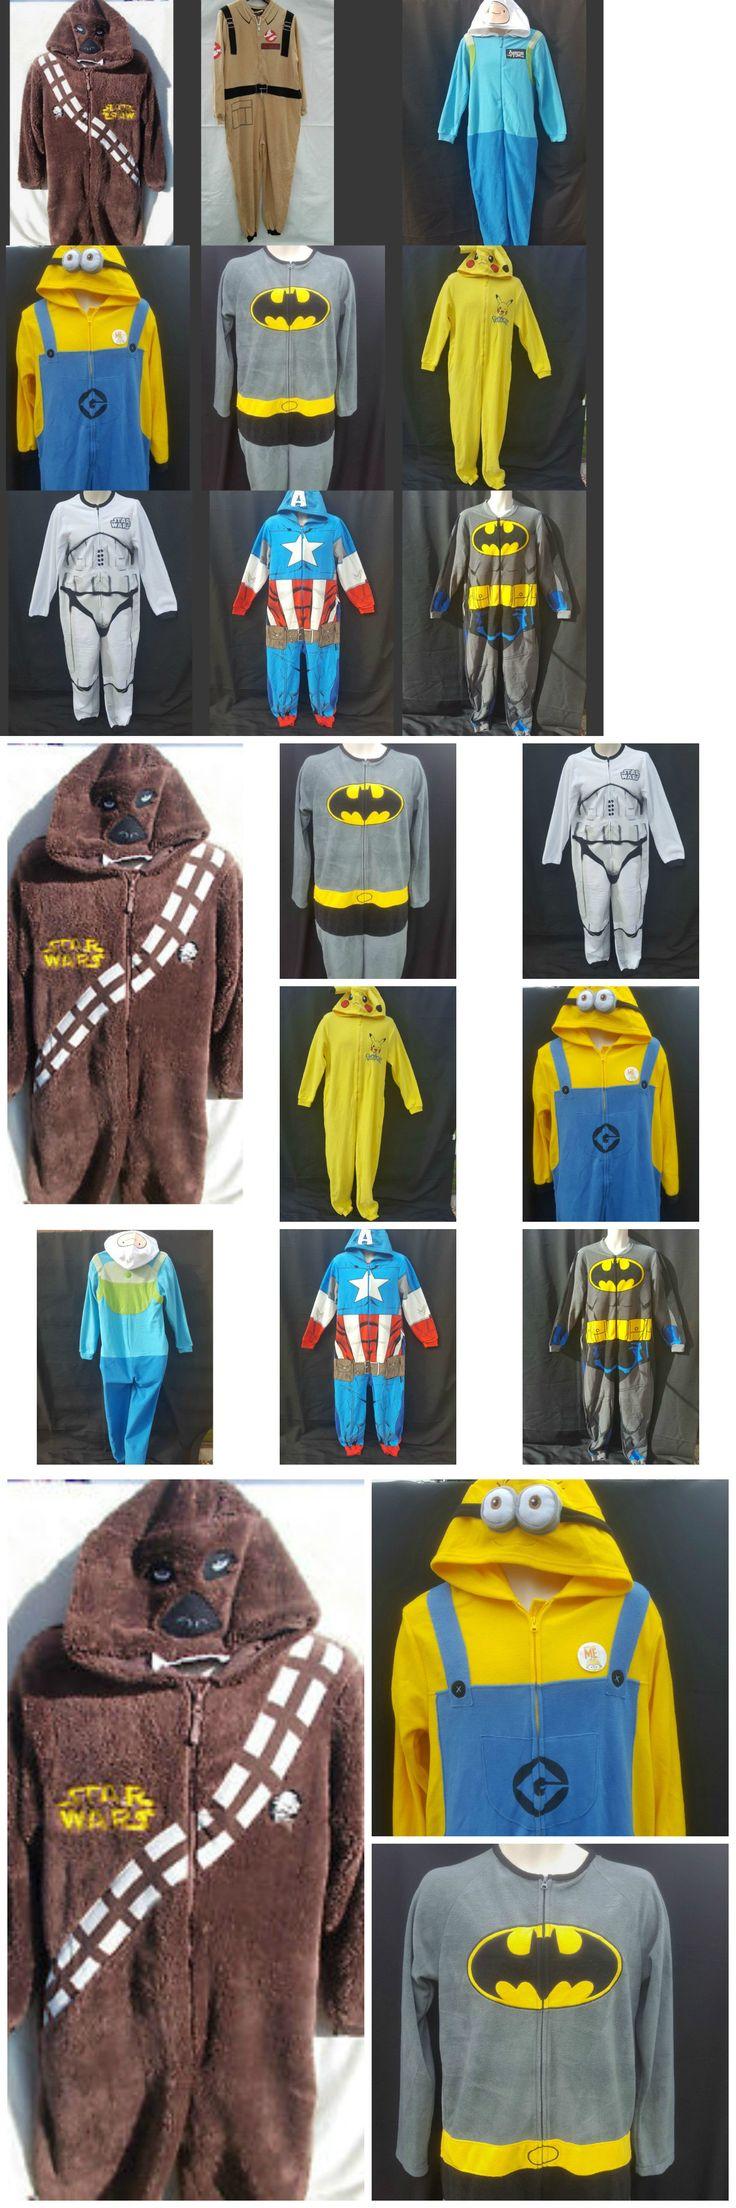 Sleepwear and Robes 11510: Bnwt Primark Mens Pyjamas - Onesie -Ghostbuster- Chewbacca - Batman Stormtrooper -> BUY IT NOW ONLY: $34.99 on eBay!